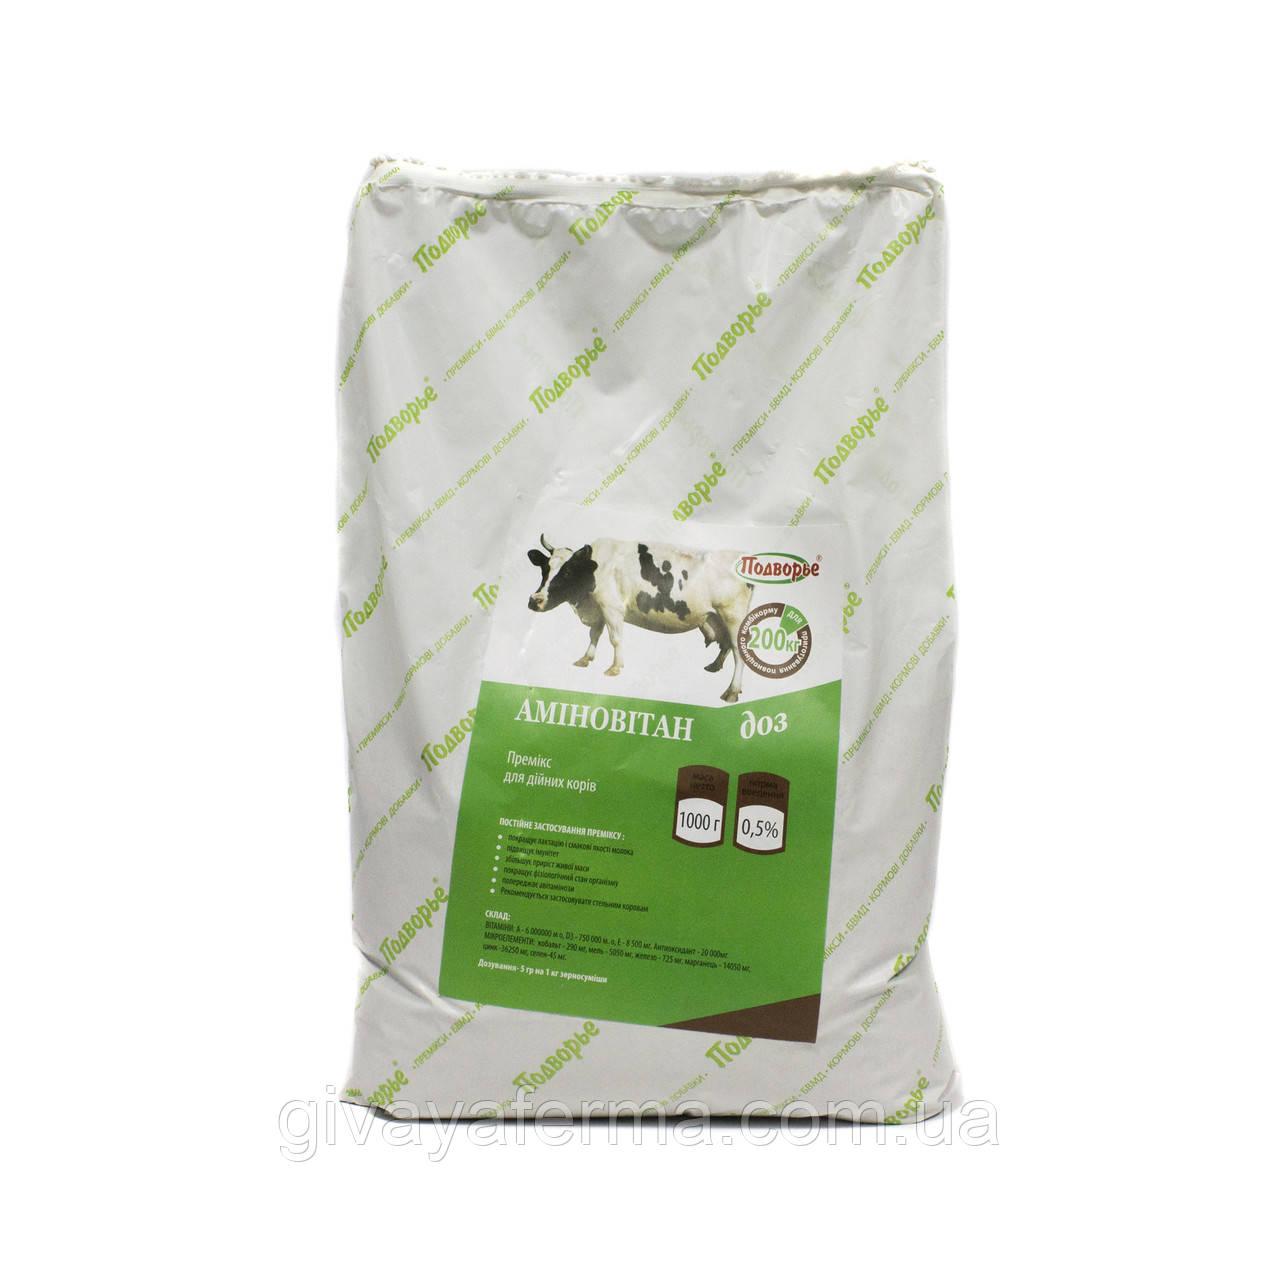 Премикс Аминовитан ДОЗ  0,5%, 1 кг,  для дойных коров и крс